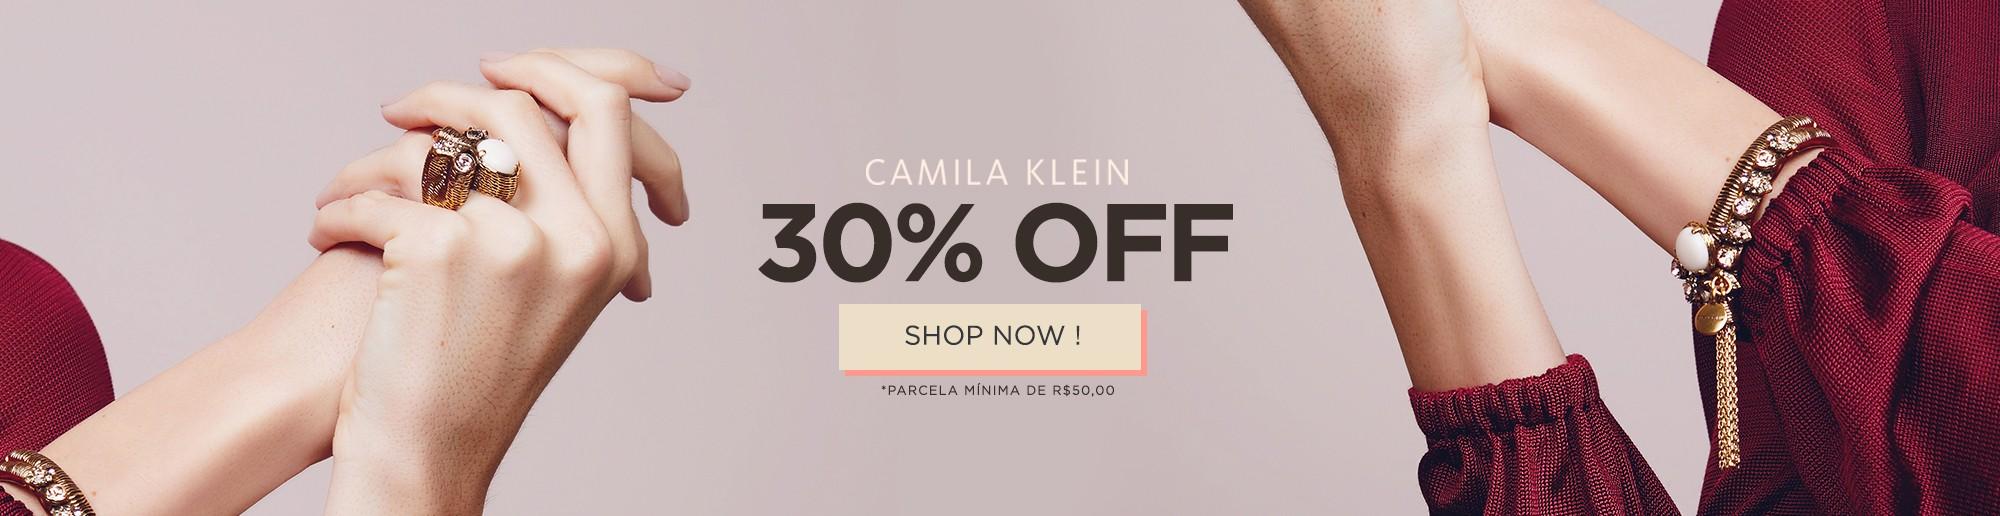 CAMILA KLEIN COM 30% OFF